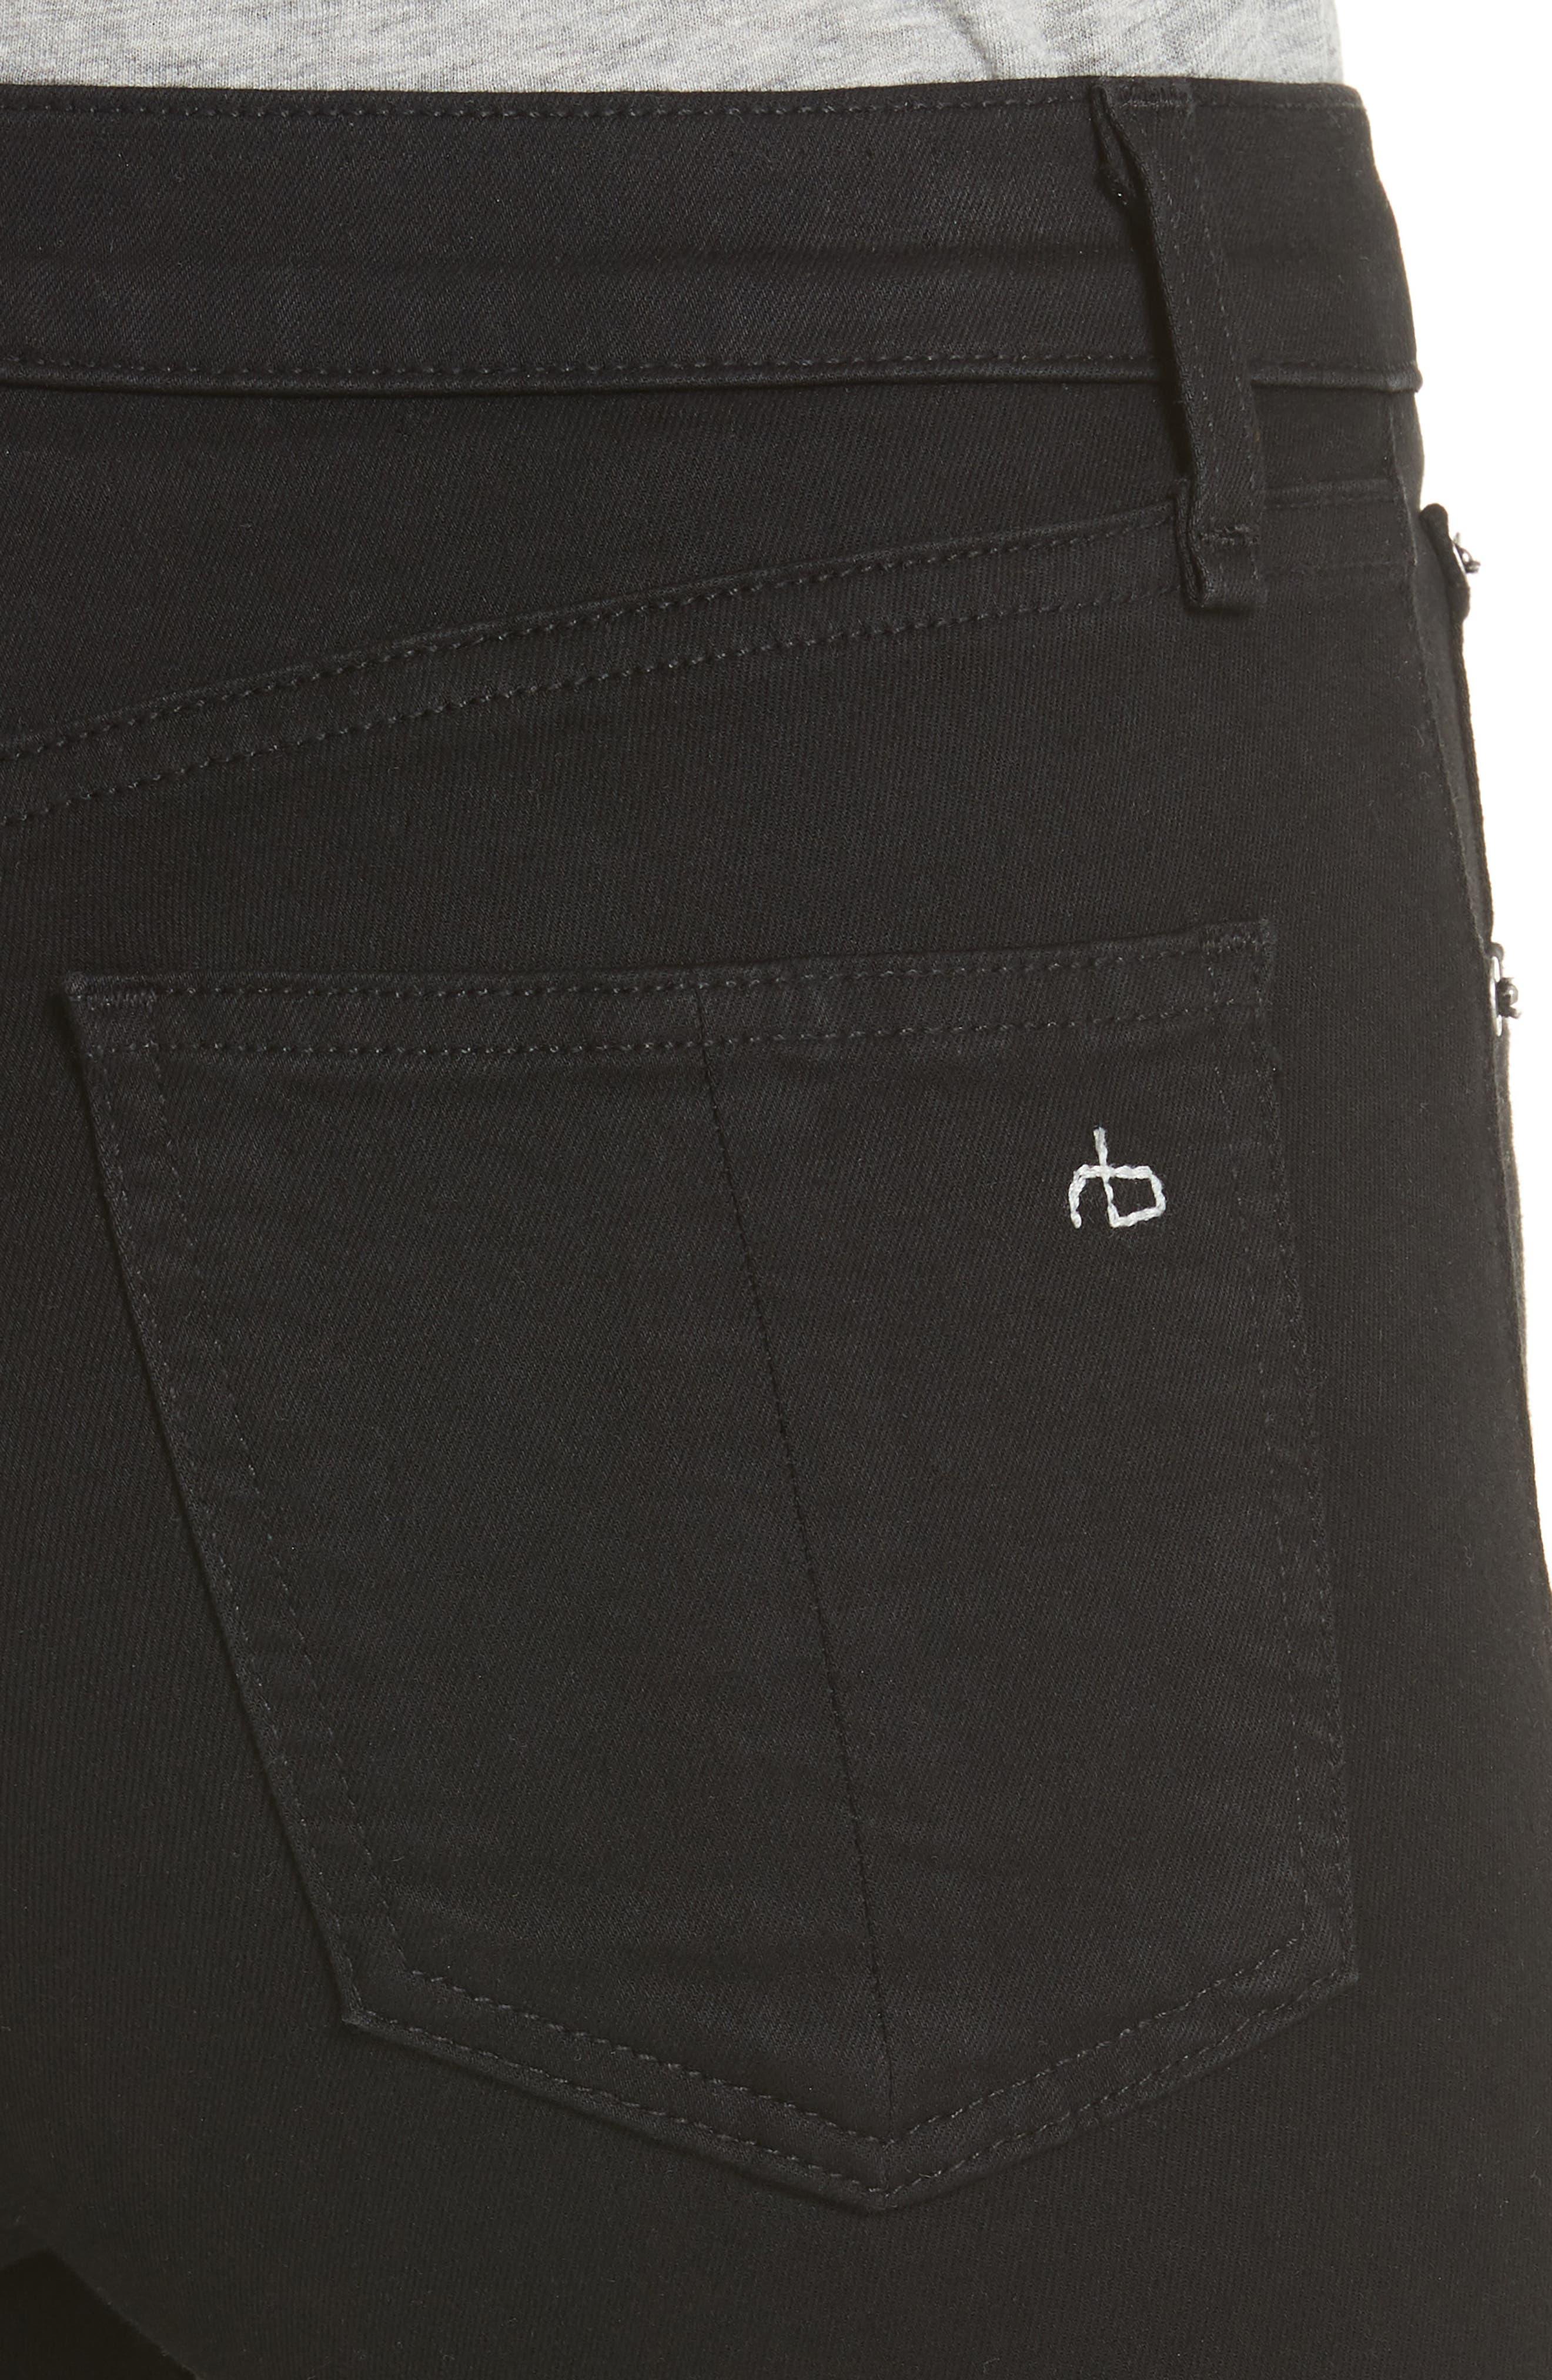 RAG & BONE, High Waist Ankle Skinny Jeans, Alternate thumbnail 5, color, BLACK